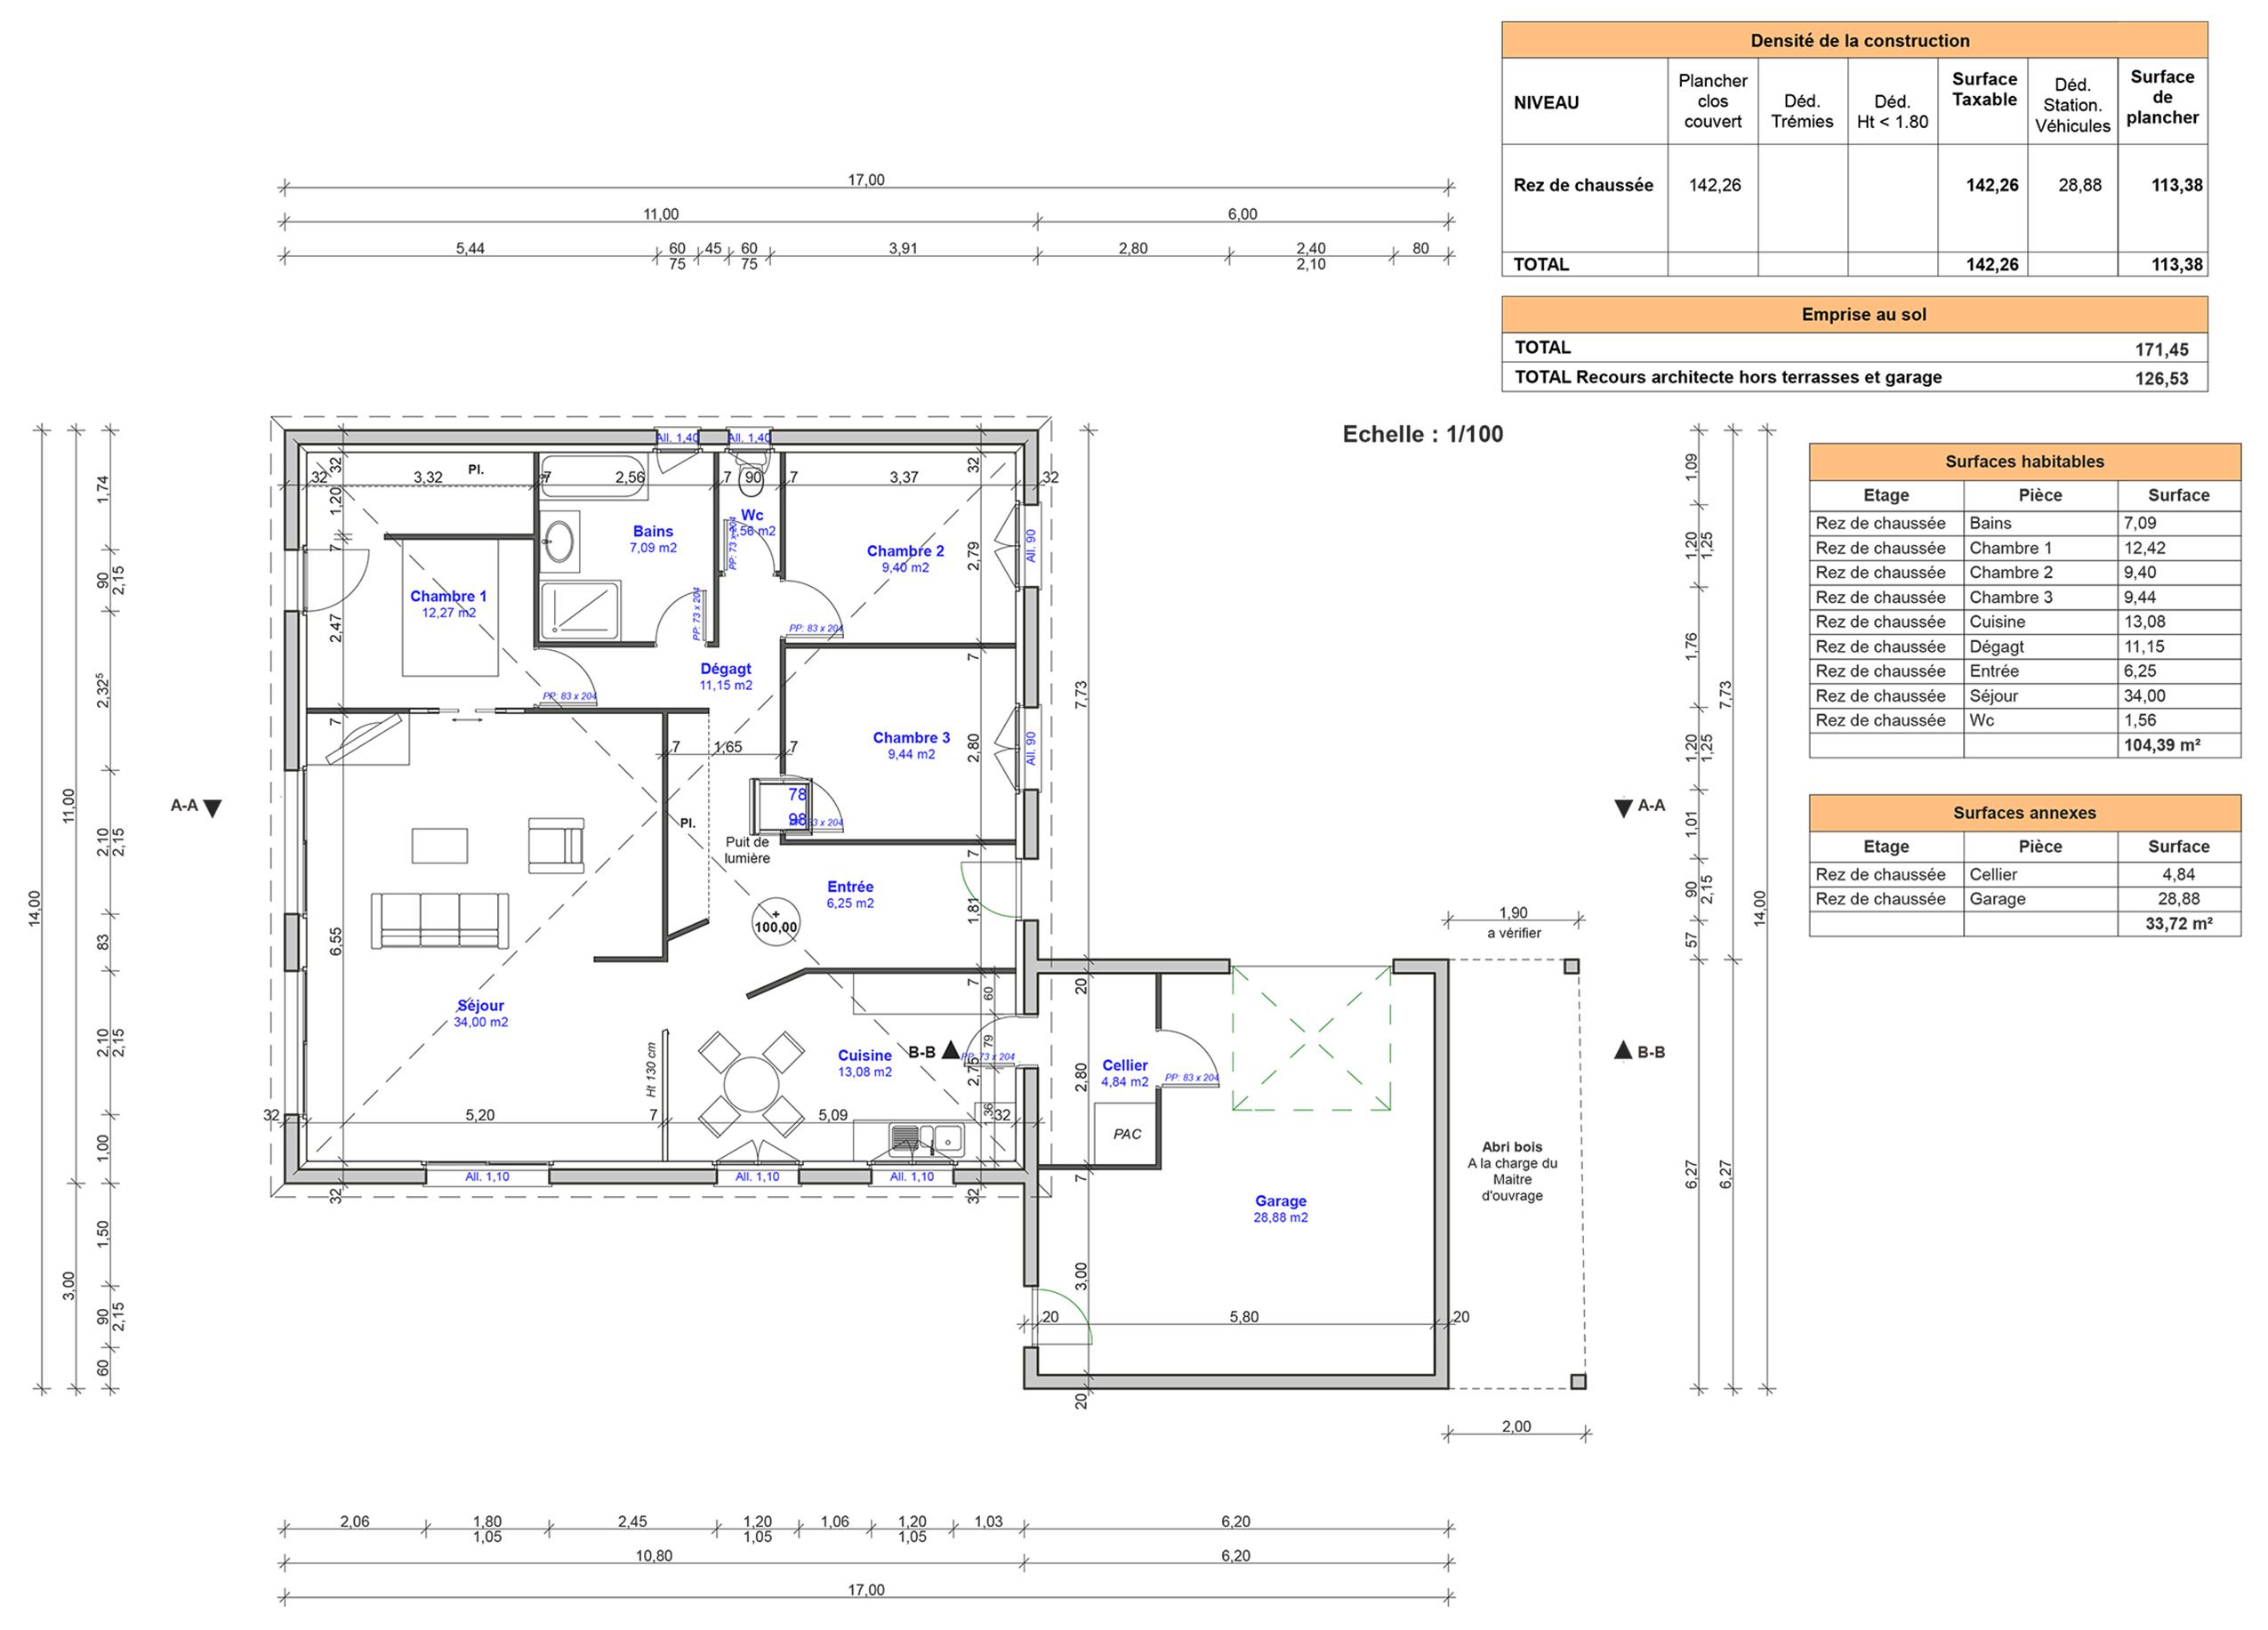 D p t du permis de construire et contrat de construction for Cout permis construire